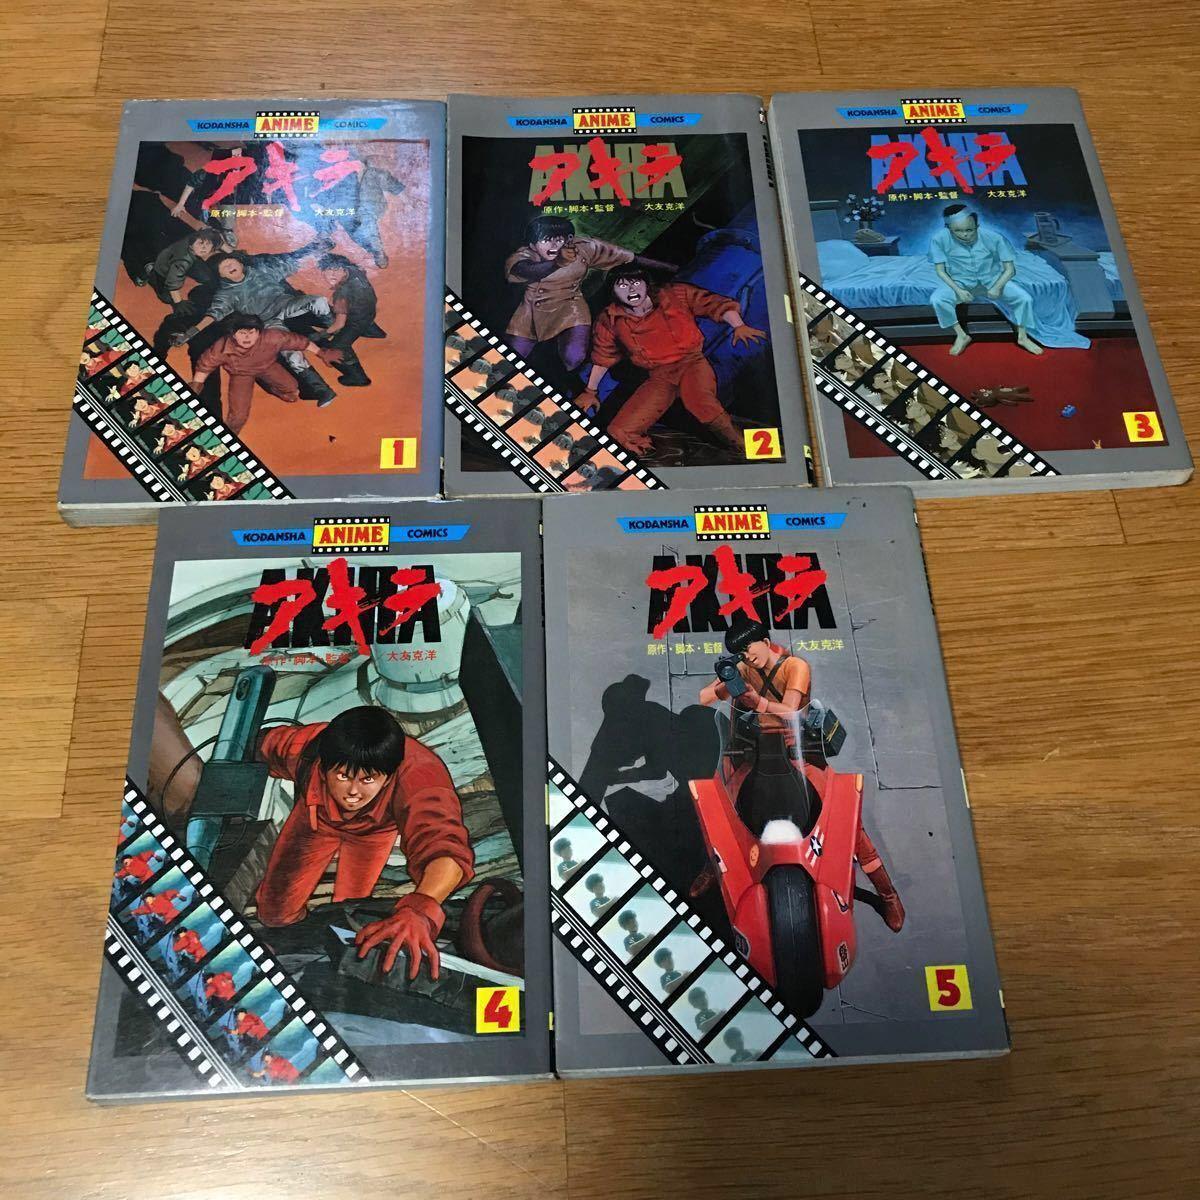 【全巻初版】AKIRA アキラ アニメKCコミックス 全5巻 大友克洋 1988年 初版